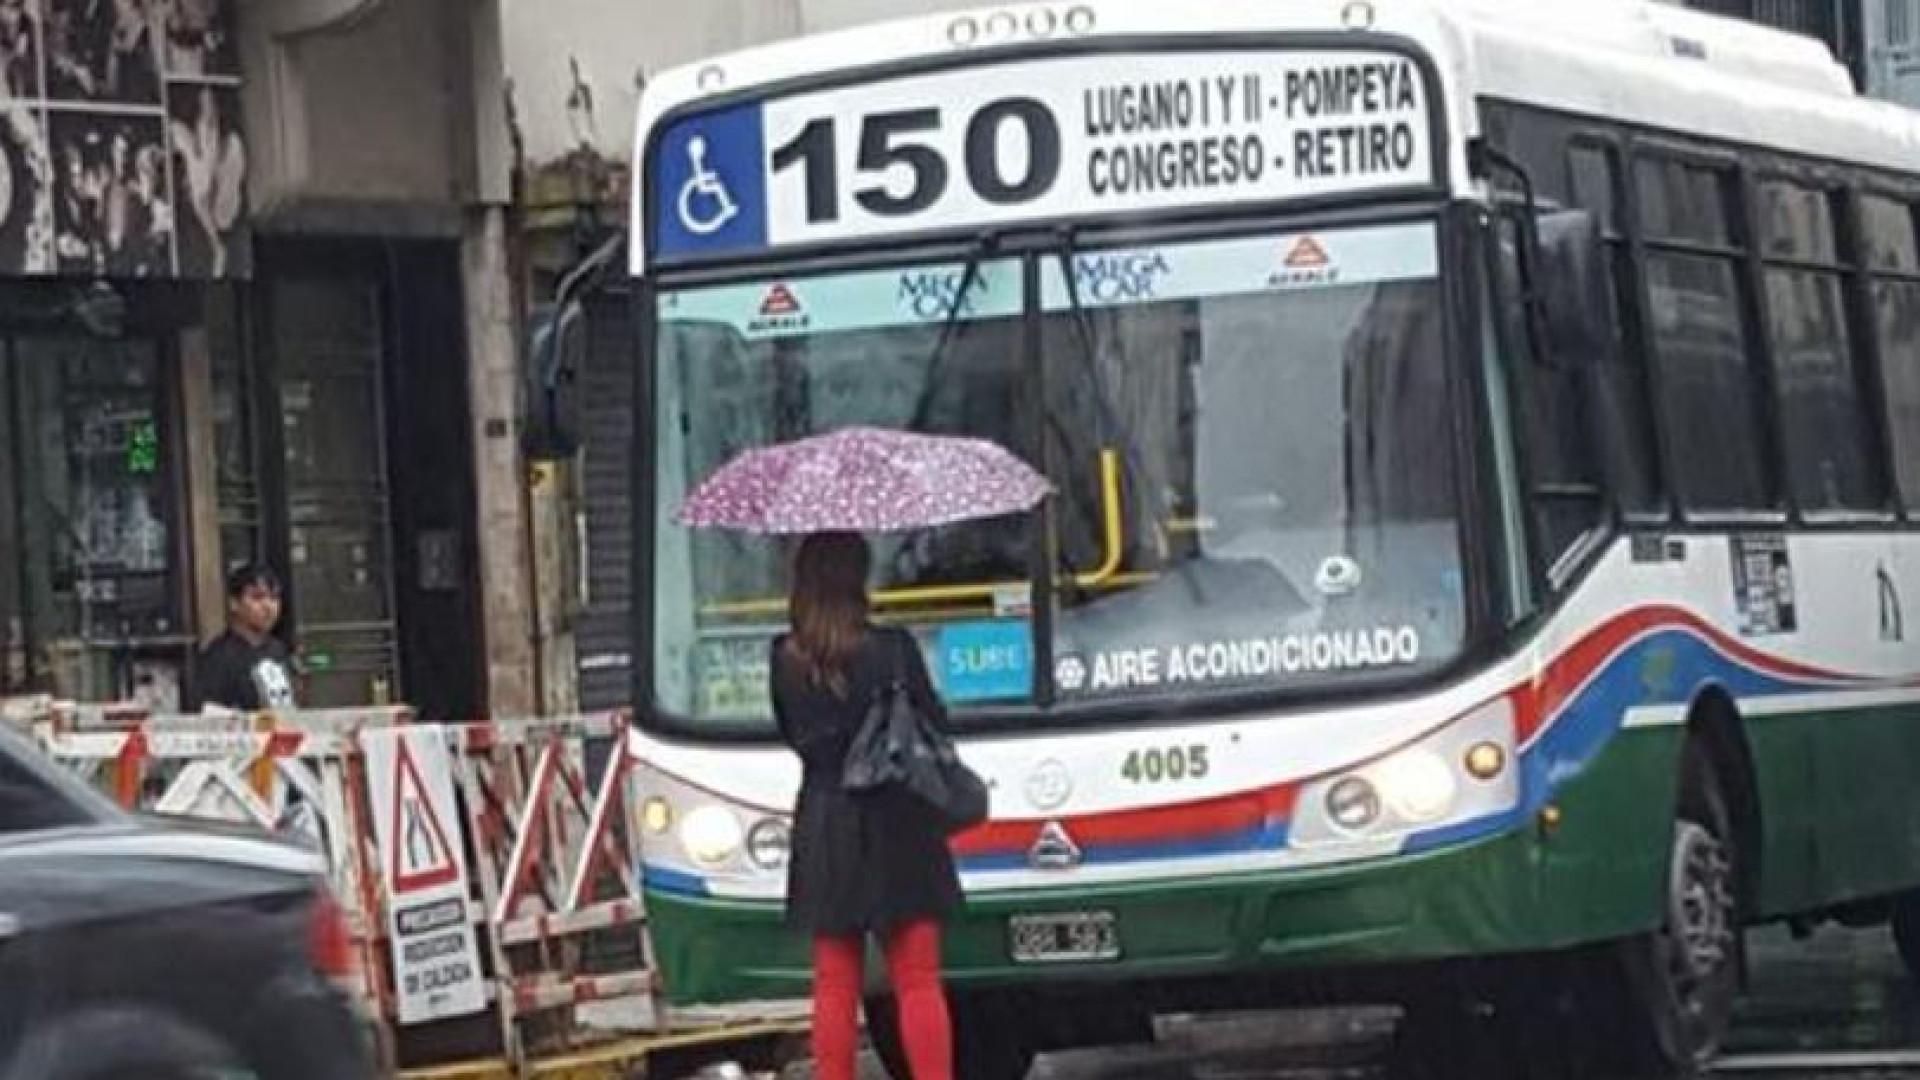 Motorista negou abrir porta do autocarro e mulher parou o trânsito